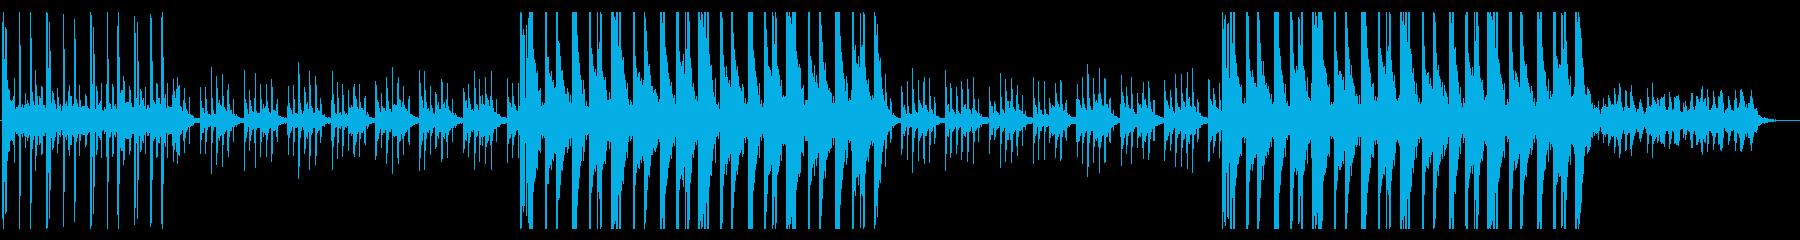 ローファイ チルアウト R&Bの再生済みの波形